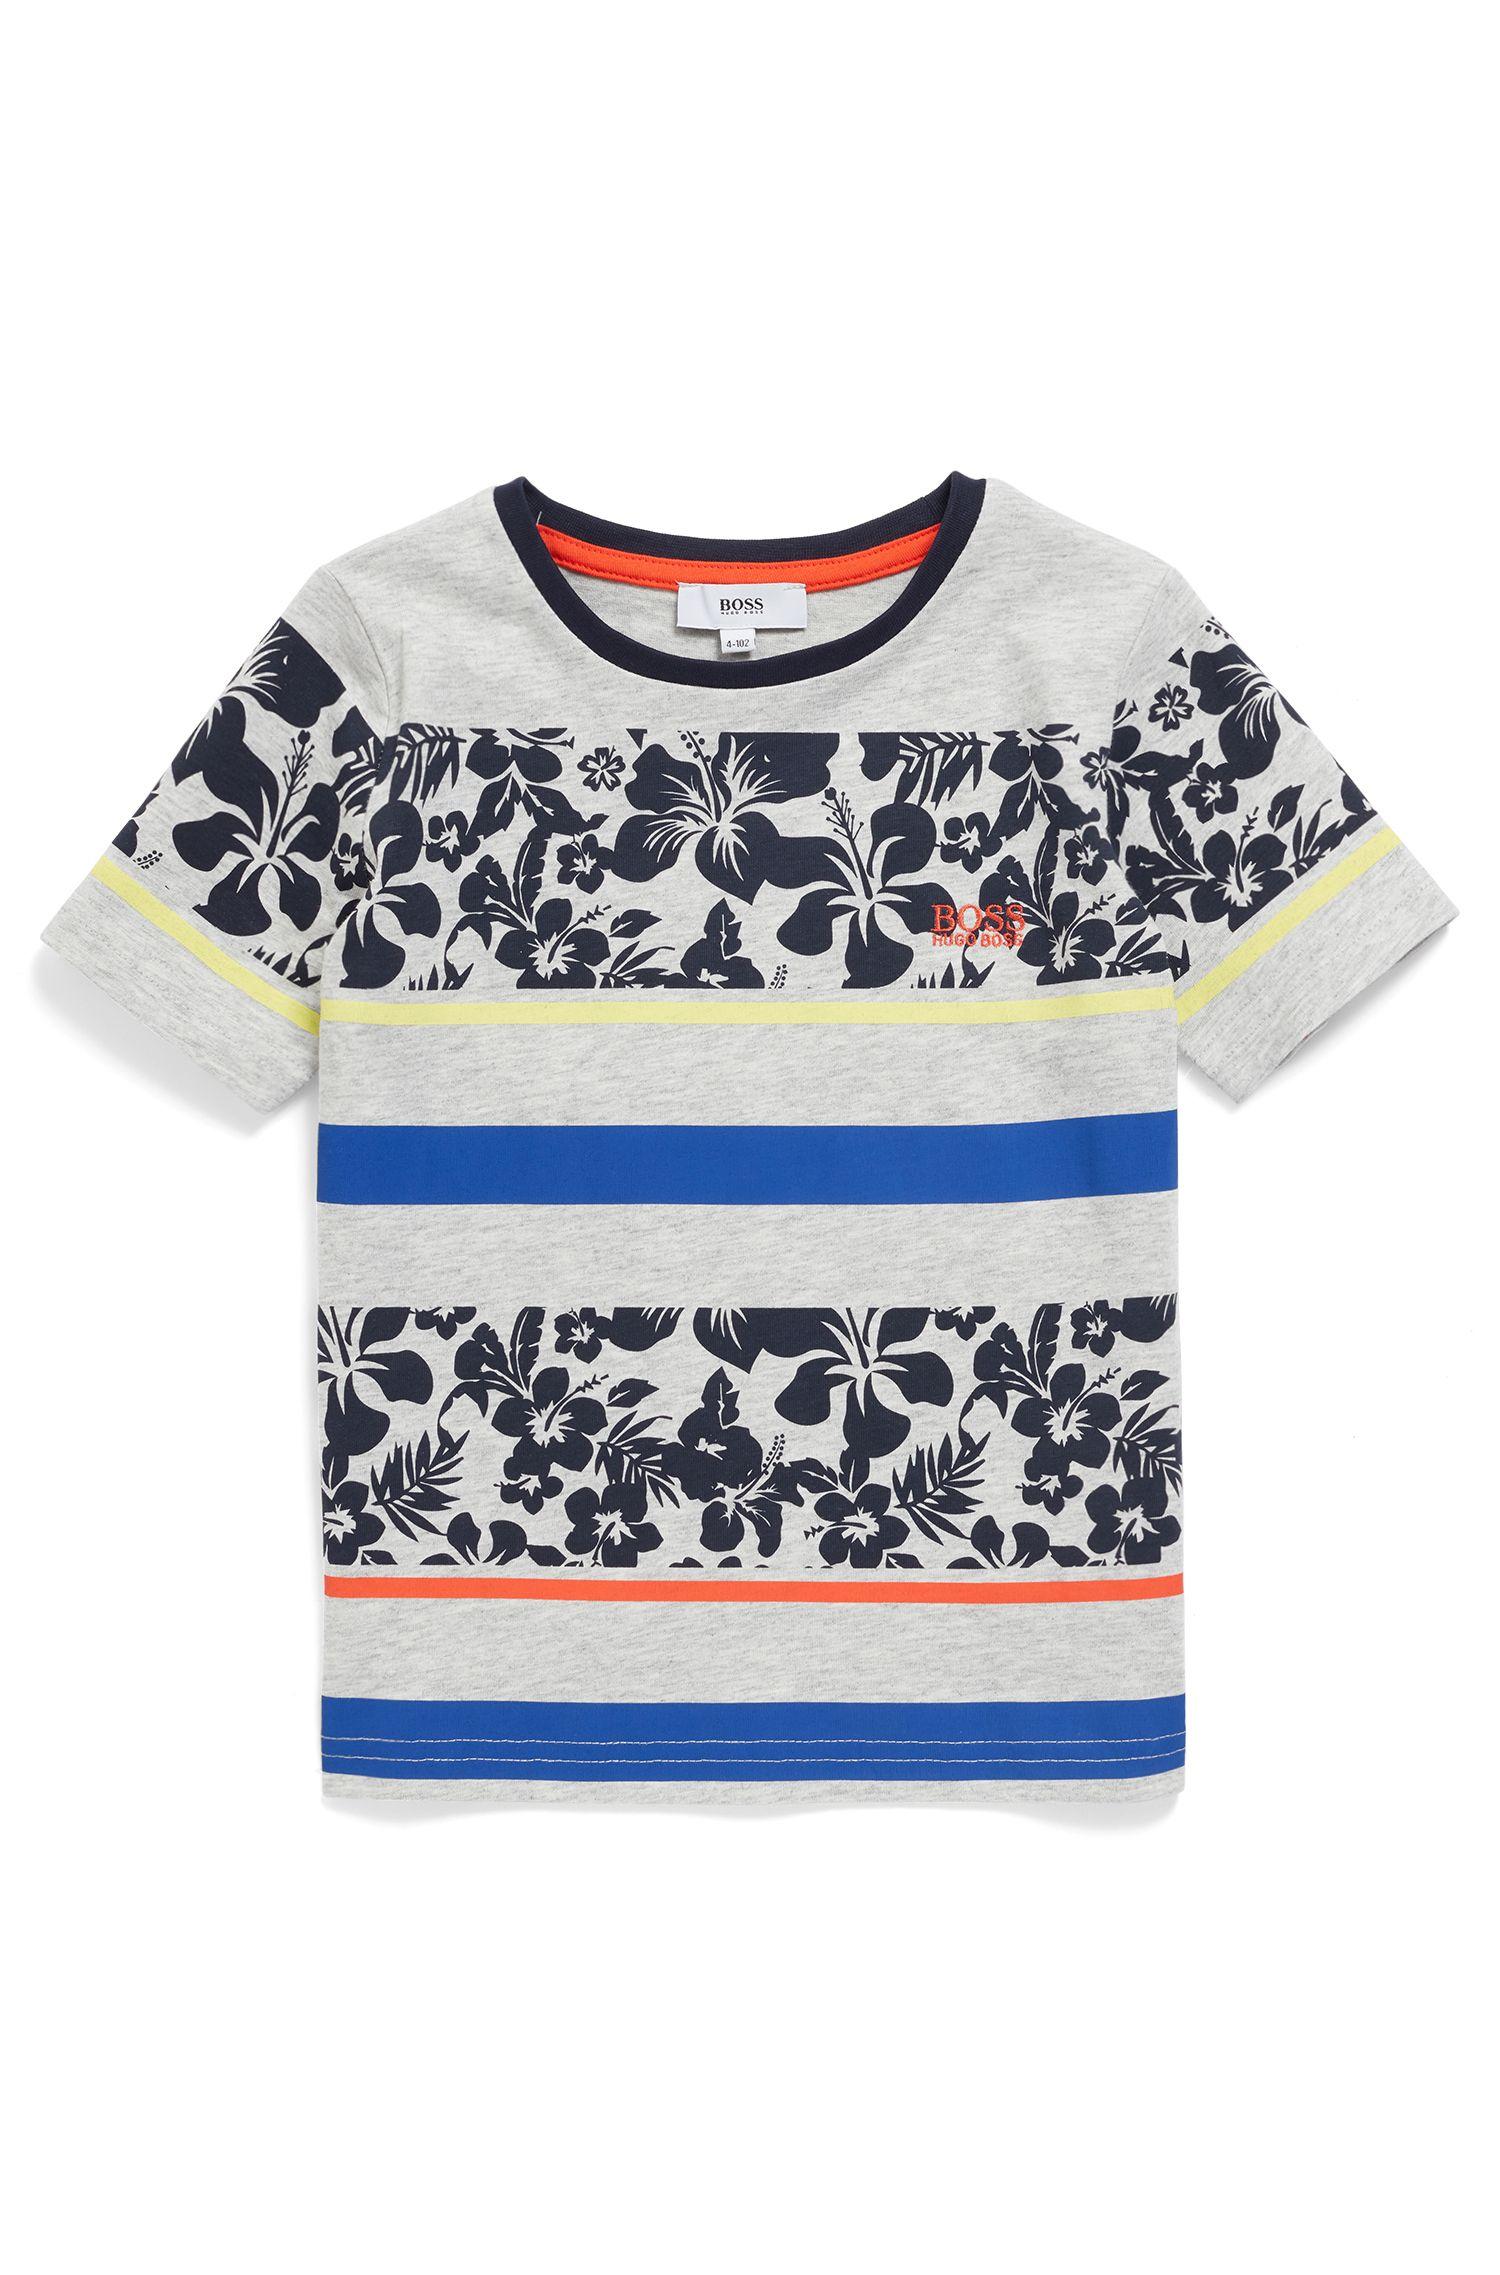 Kids-T-Shirt aus Baumwolle mit Hibiskus-Print und Streifen, Hellgrau